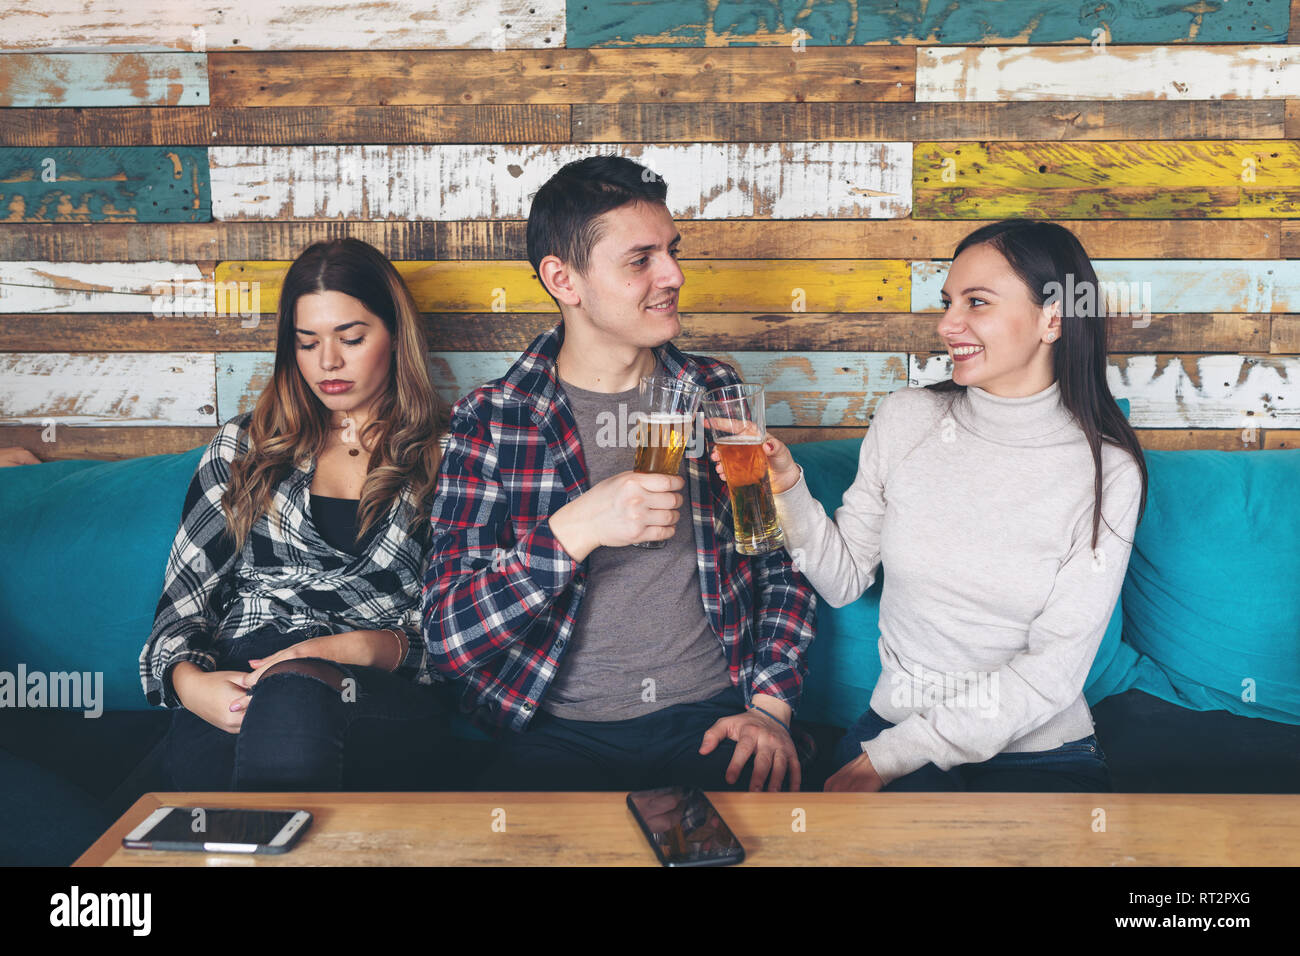 Glückliche junge Mädchen trinken Bier mit jungen Mann und zu sozialisieren Andere eifersüchtig traurige Frau neben Ihnen im rustikalen Bar Restaurant zu ignorieren. Liebe und j Stockfoto